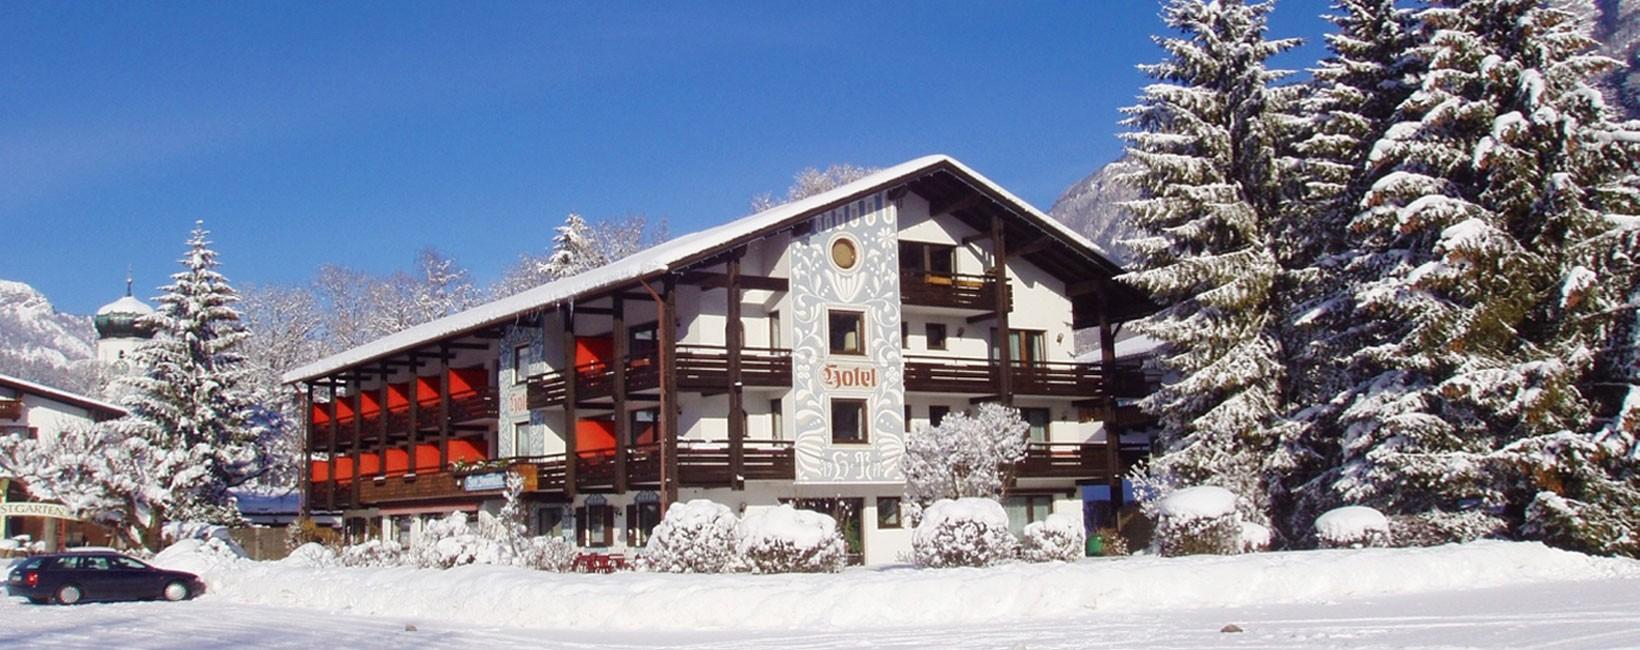 Alpenhotel Brennerbascht im Winter